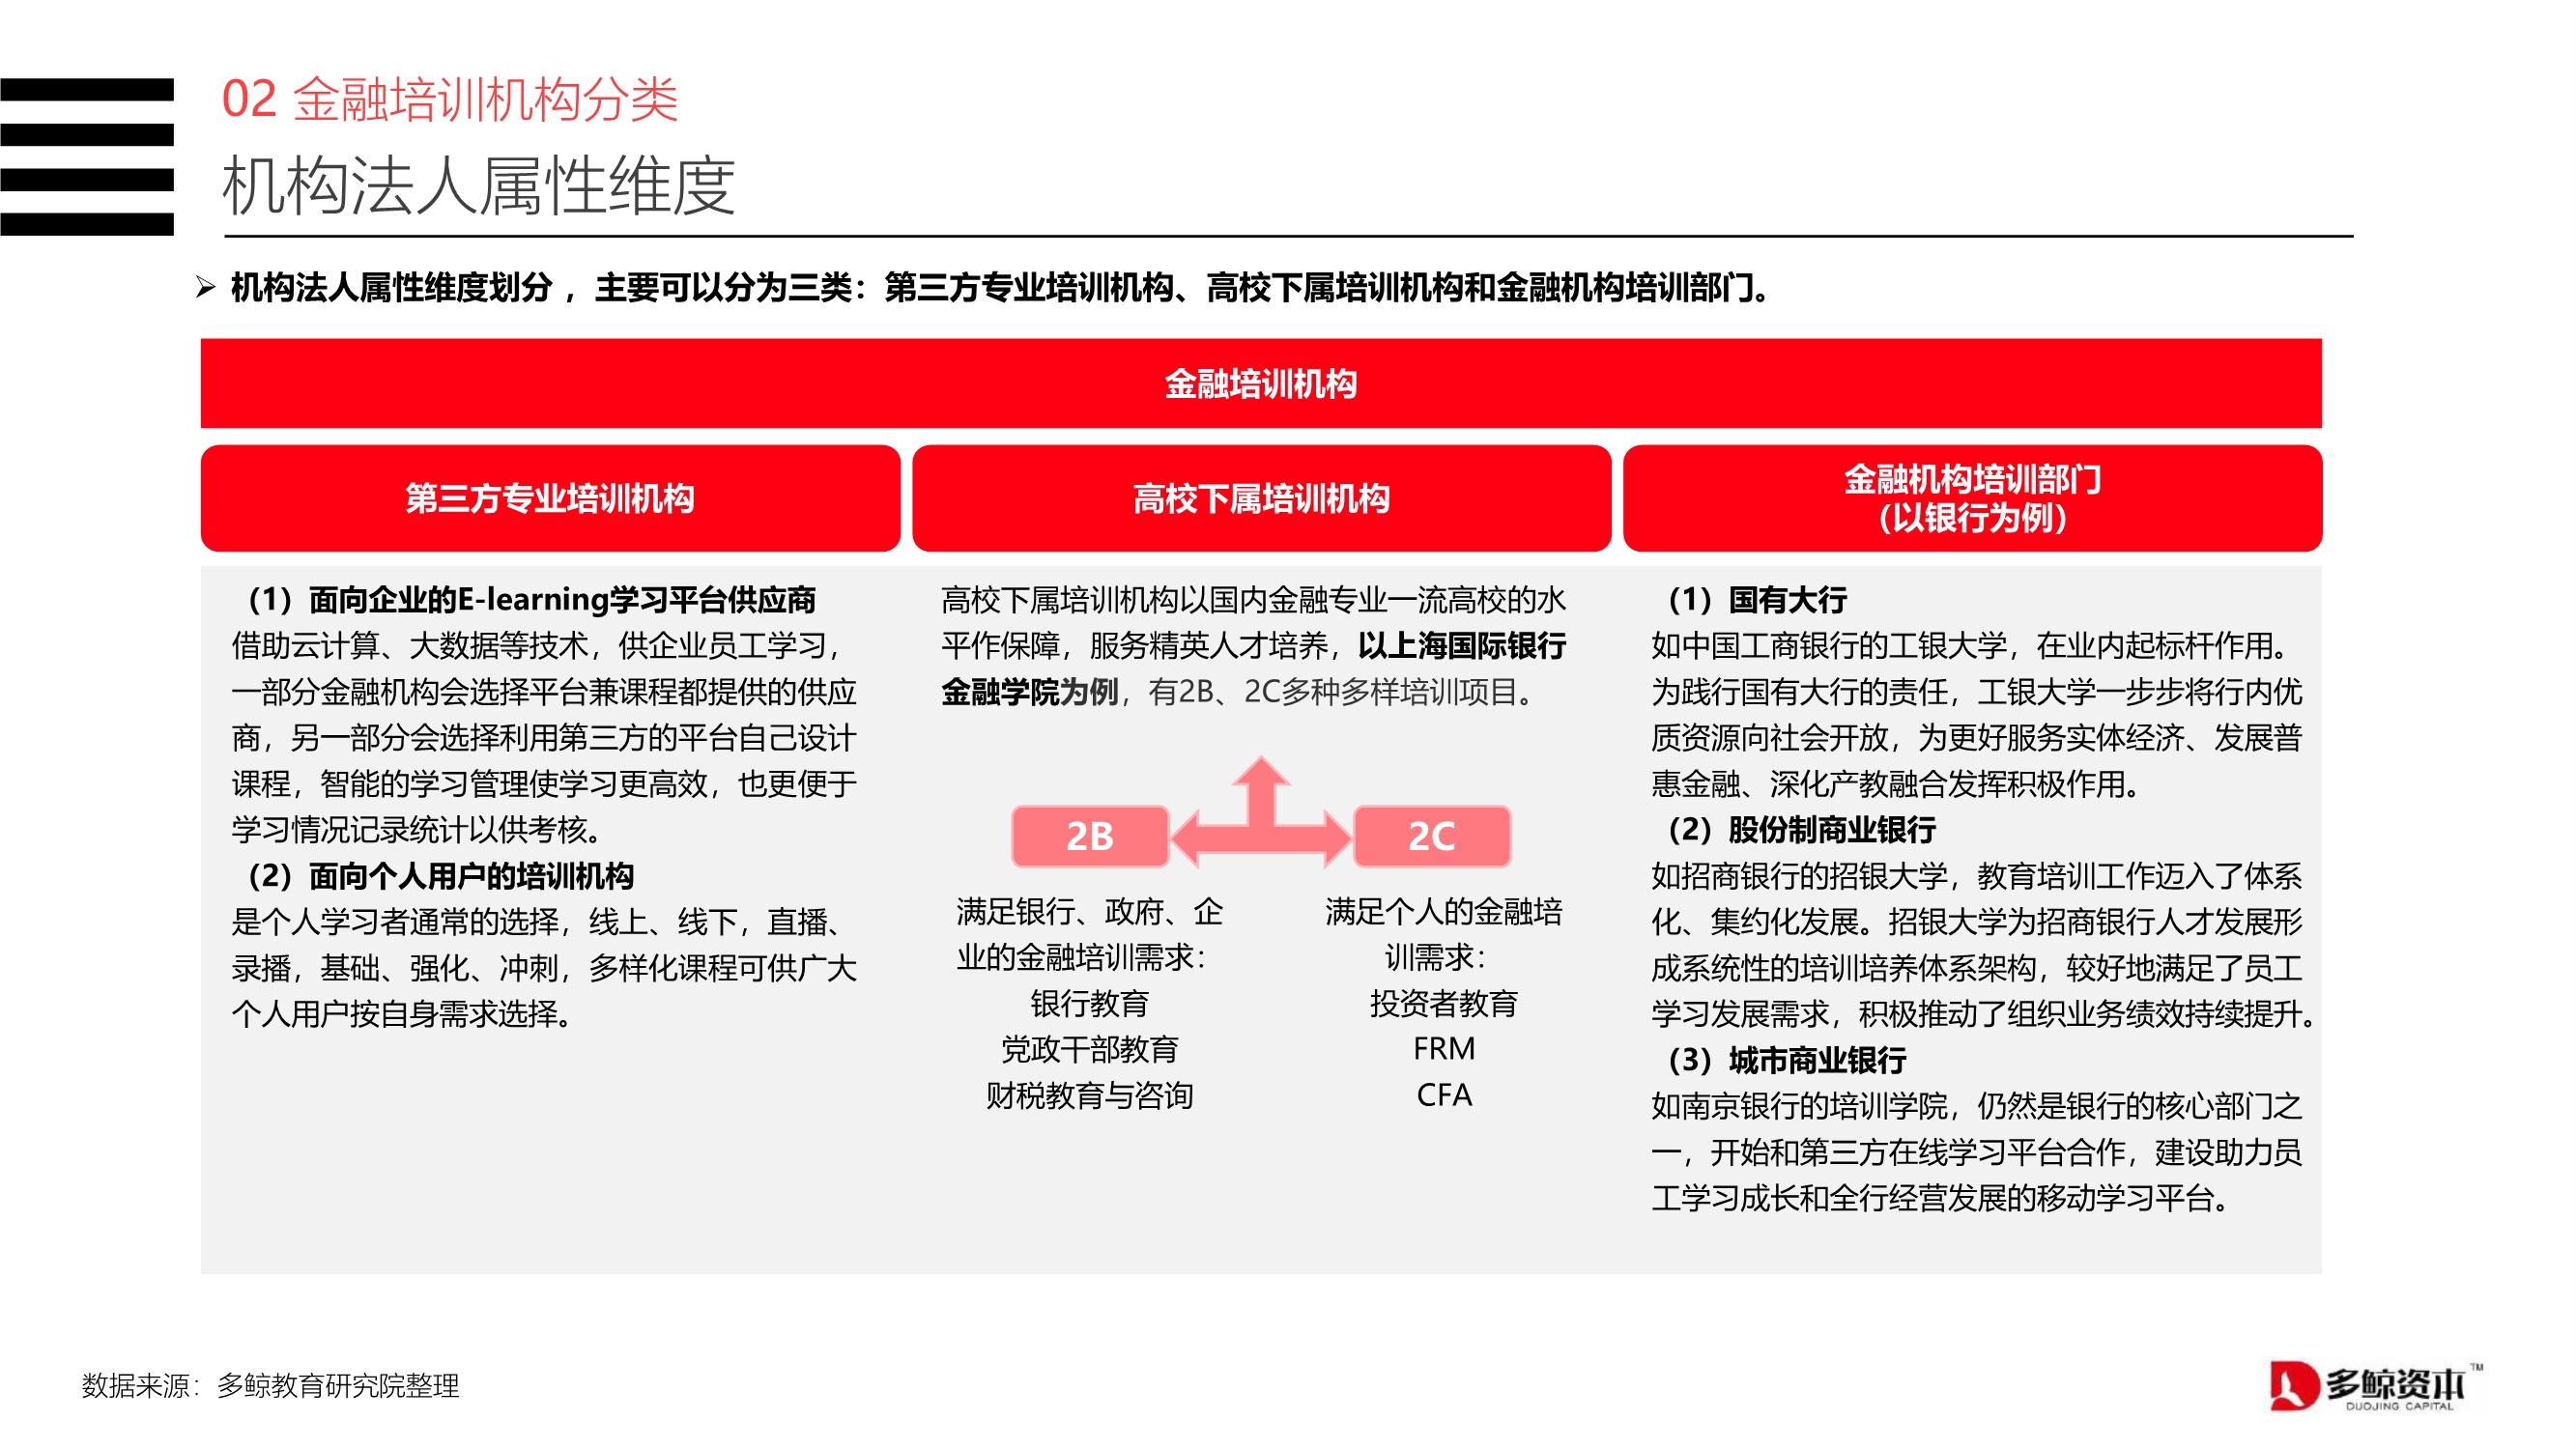 2020中国金融理财培训行业报告